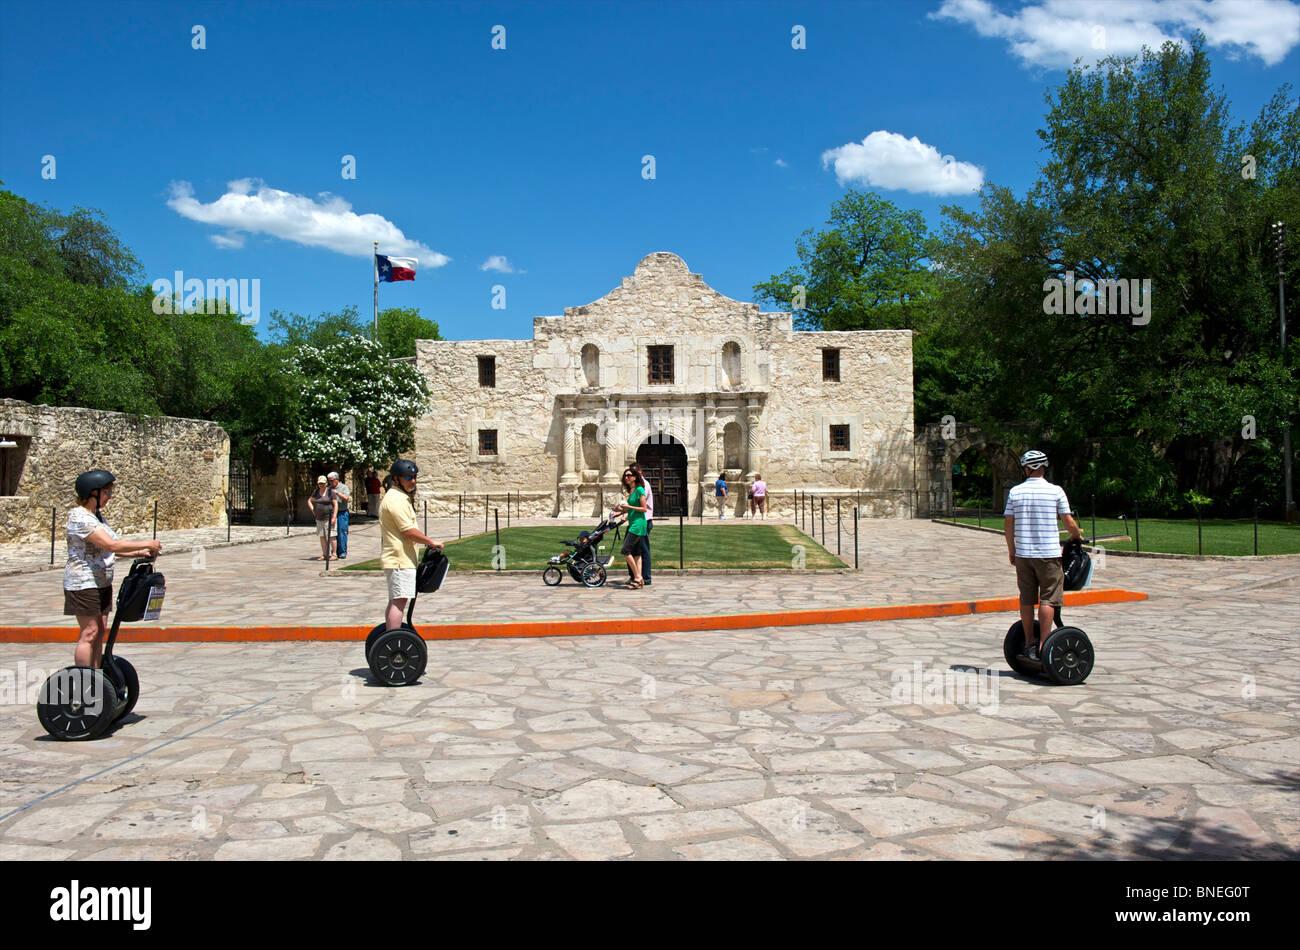 Les touristes et les touristes sur l'utilisation d'un Segway chez Alamo mission, symbole de l'indépendance du Texas San Antonio, Texas, USA Banque D'Images